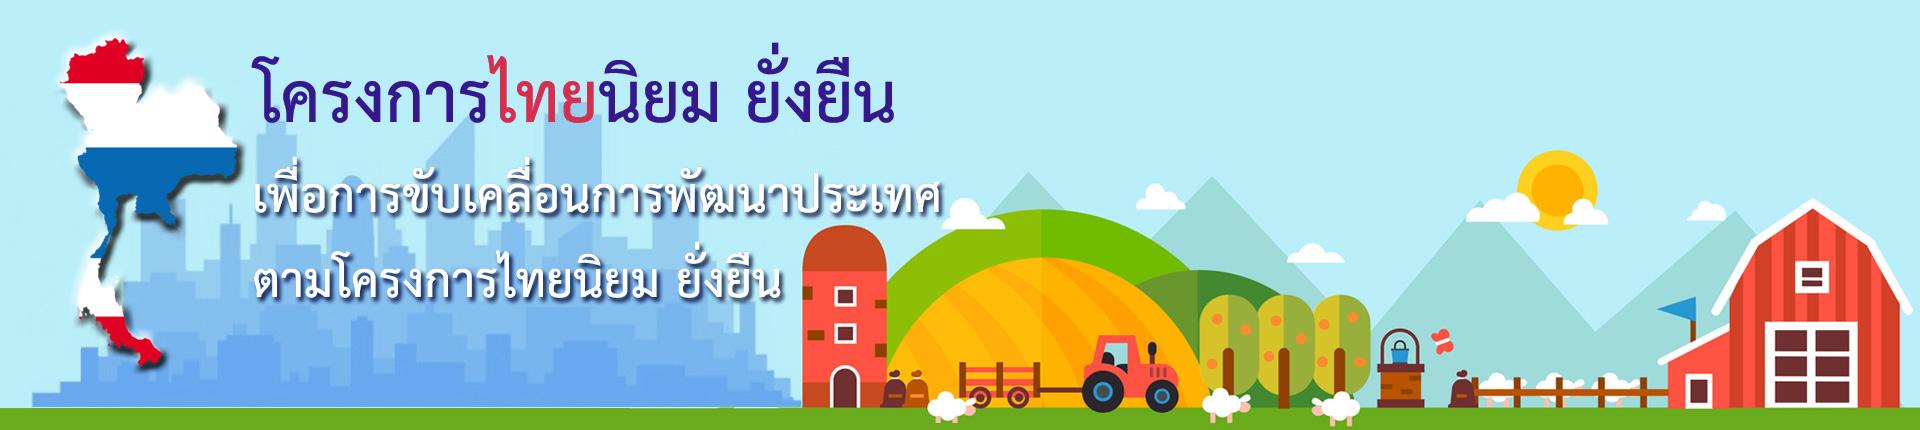 banner thai niyom